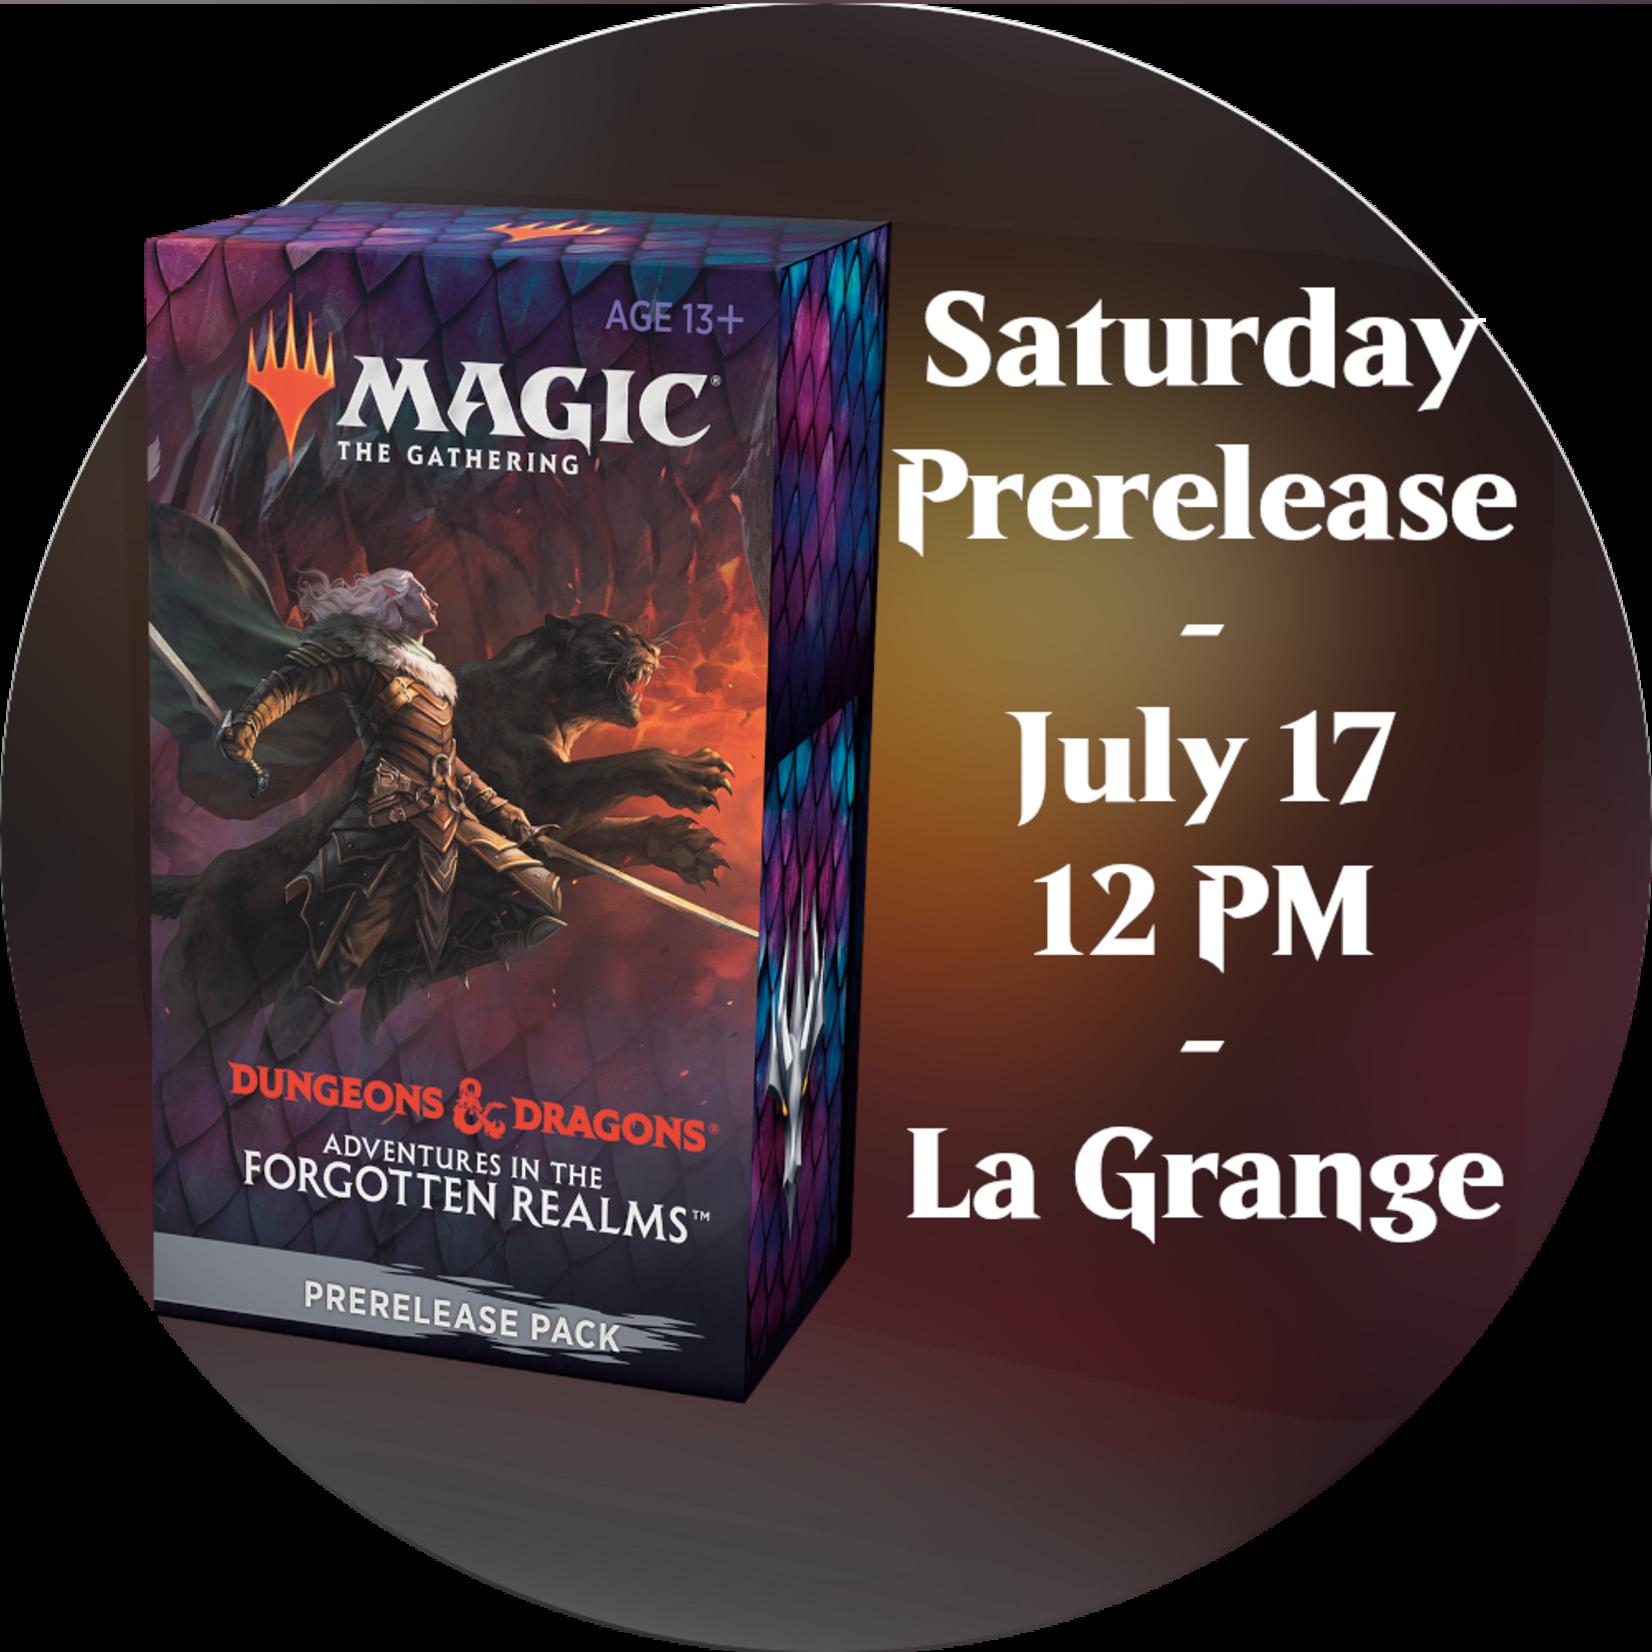 Admission: Forgotten Realms Saturday Sealed Deck Prerelease (12 PM, La Grange)